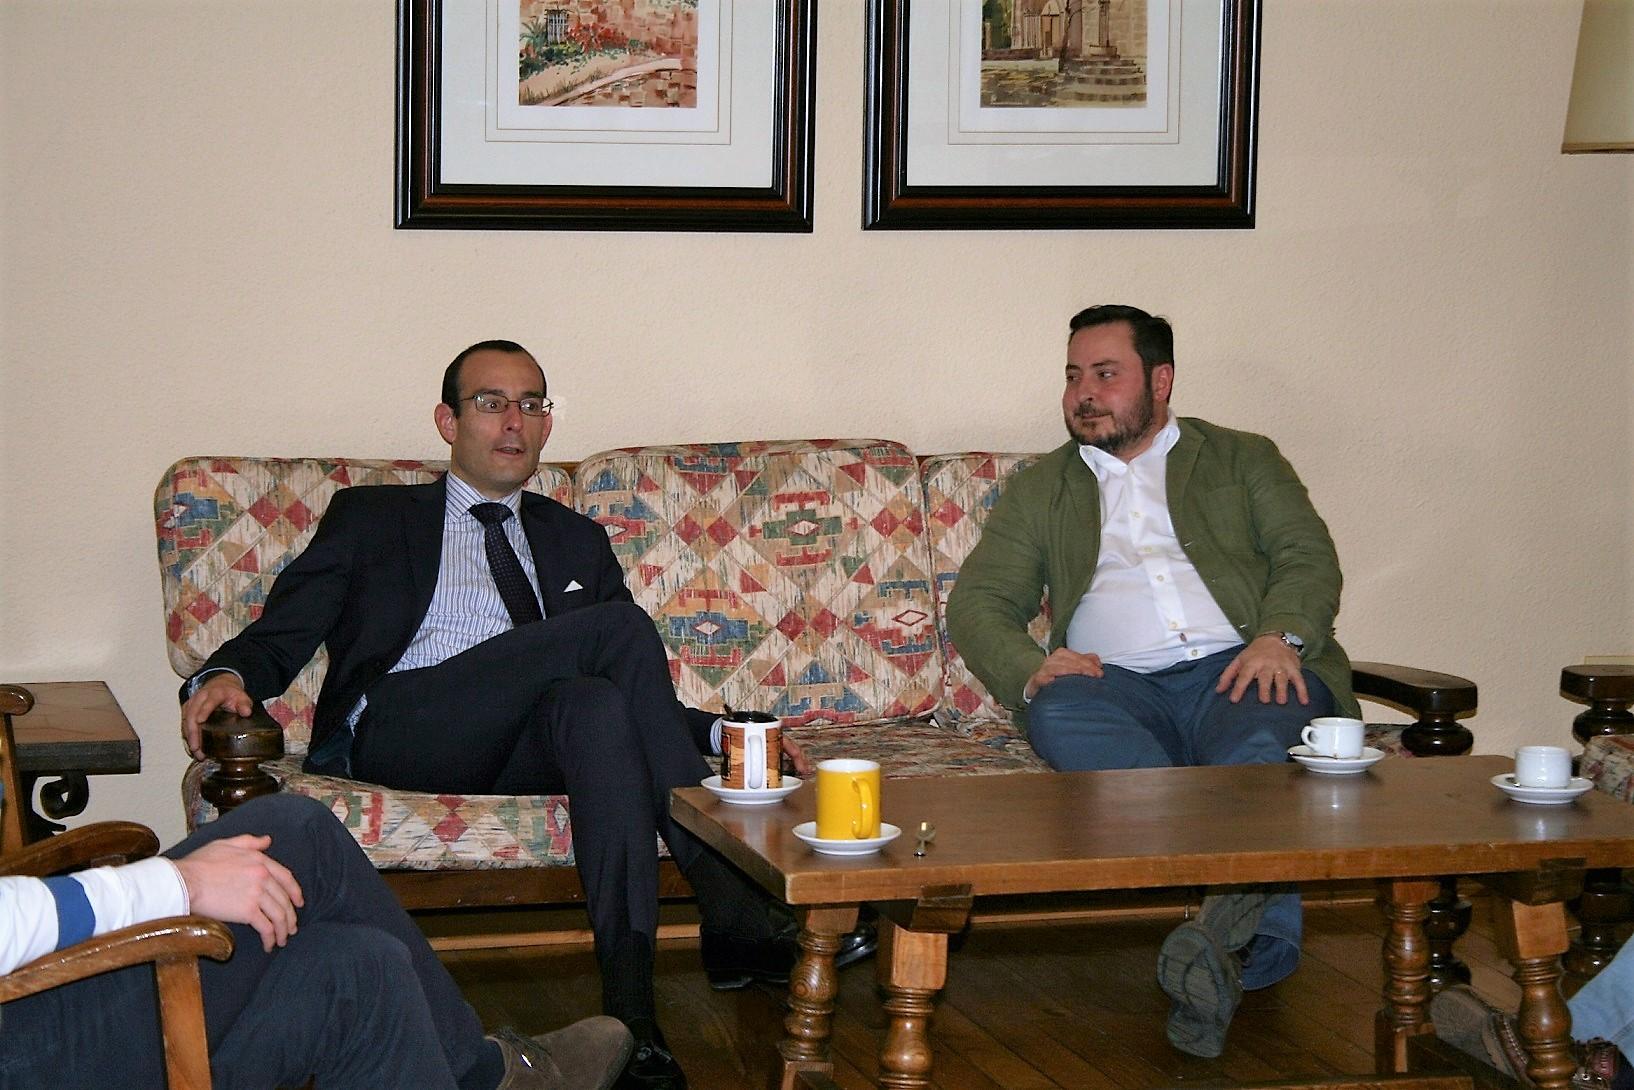 Tertulia con Manuel Vilches, Coordinador General de la Asociación de Amigos de la Universidad de Navarra